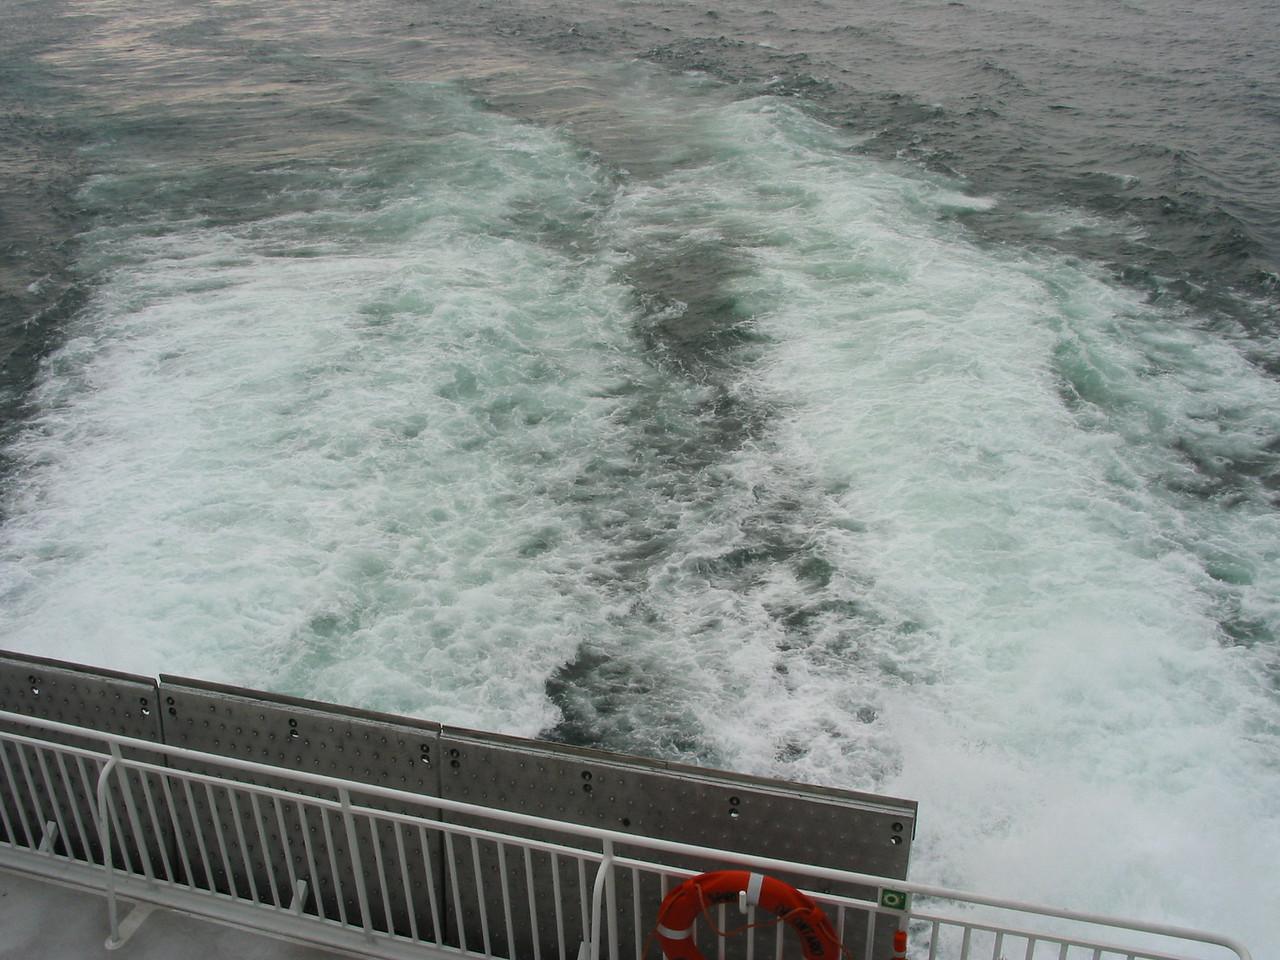 2004_8_19_Rochester_Ferry-11